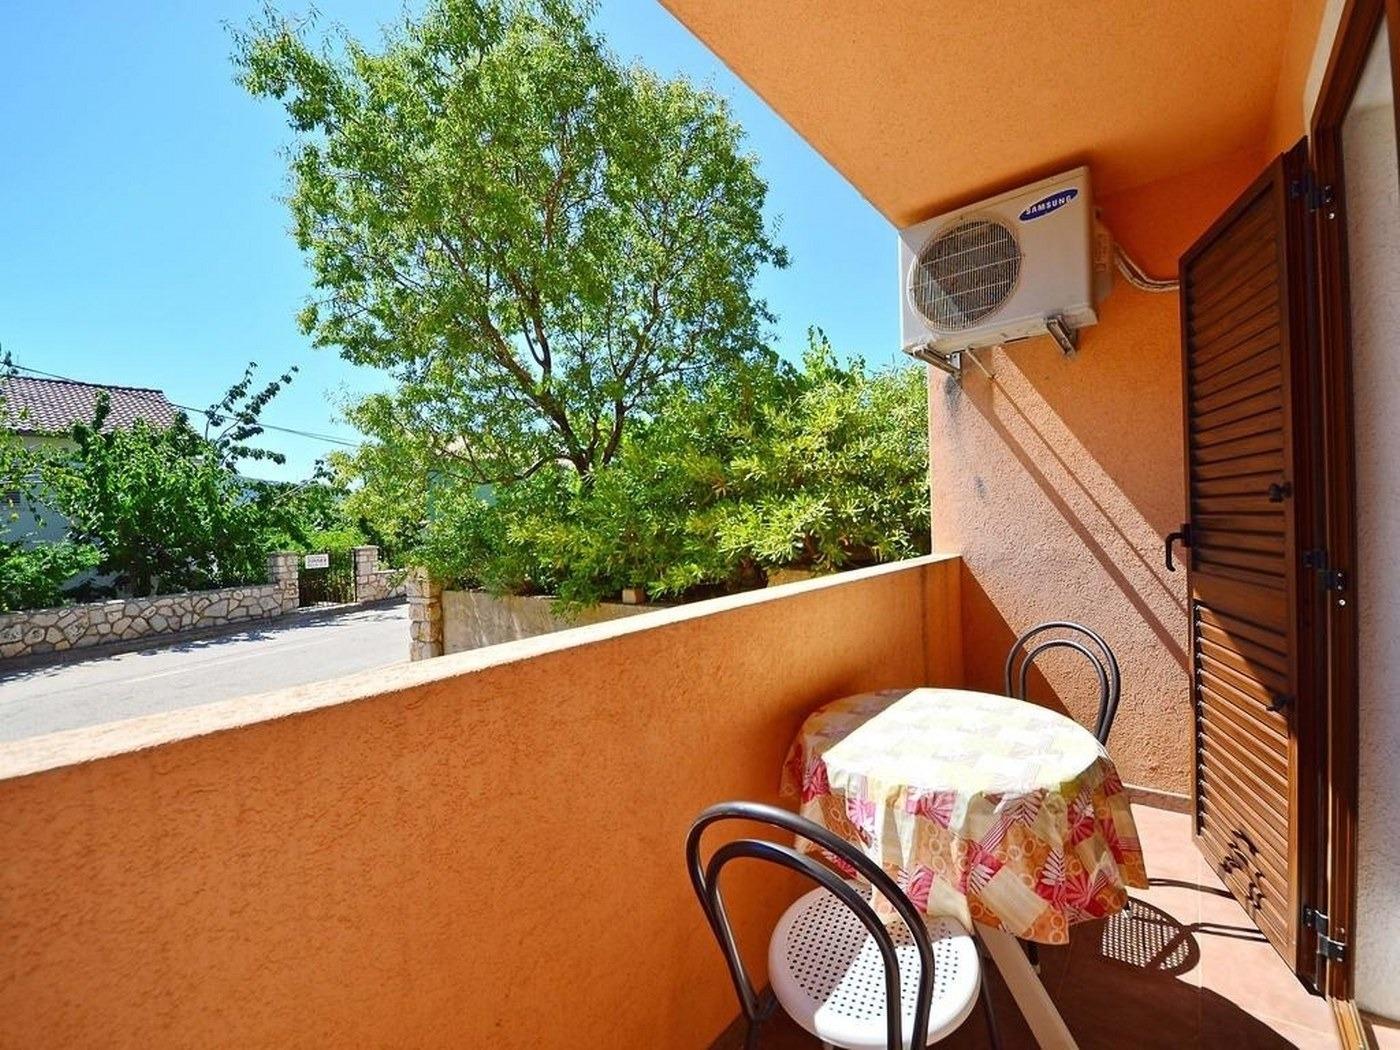 Appartement de vacances Marija A1(2+1) Prizemlje - Cres (739199), Cres (Stadt), Île de Cres, Kvarner, Croatie, image 5